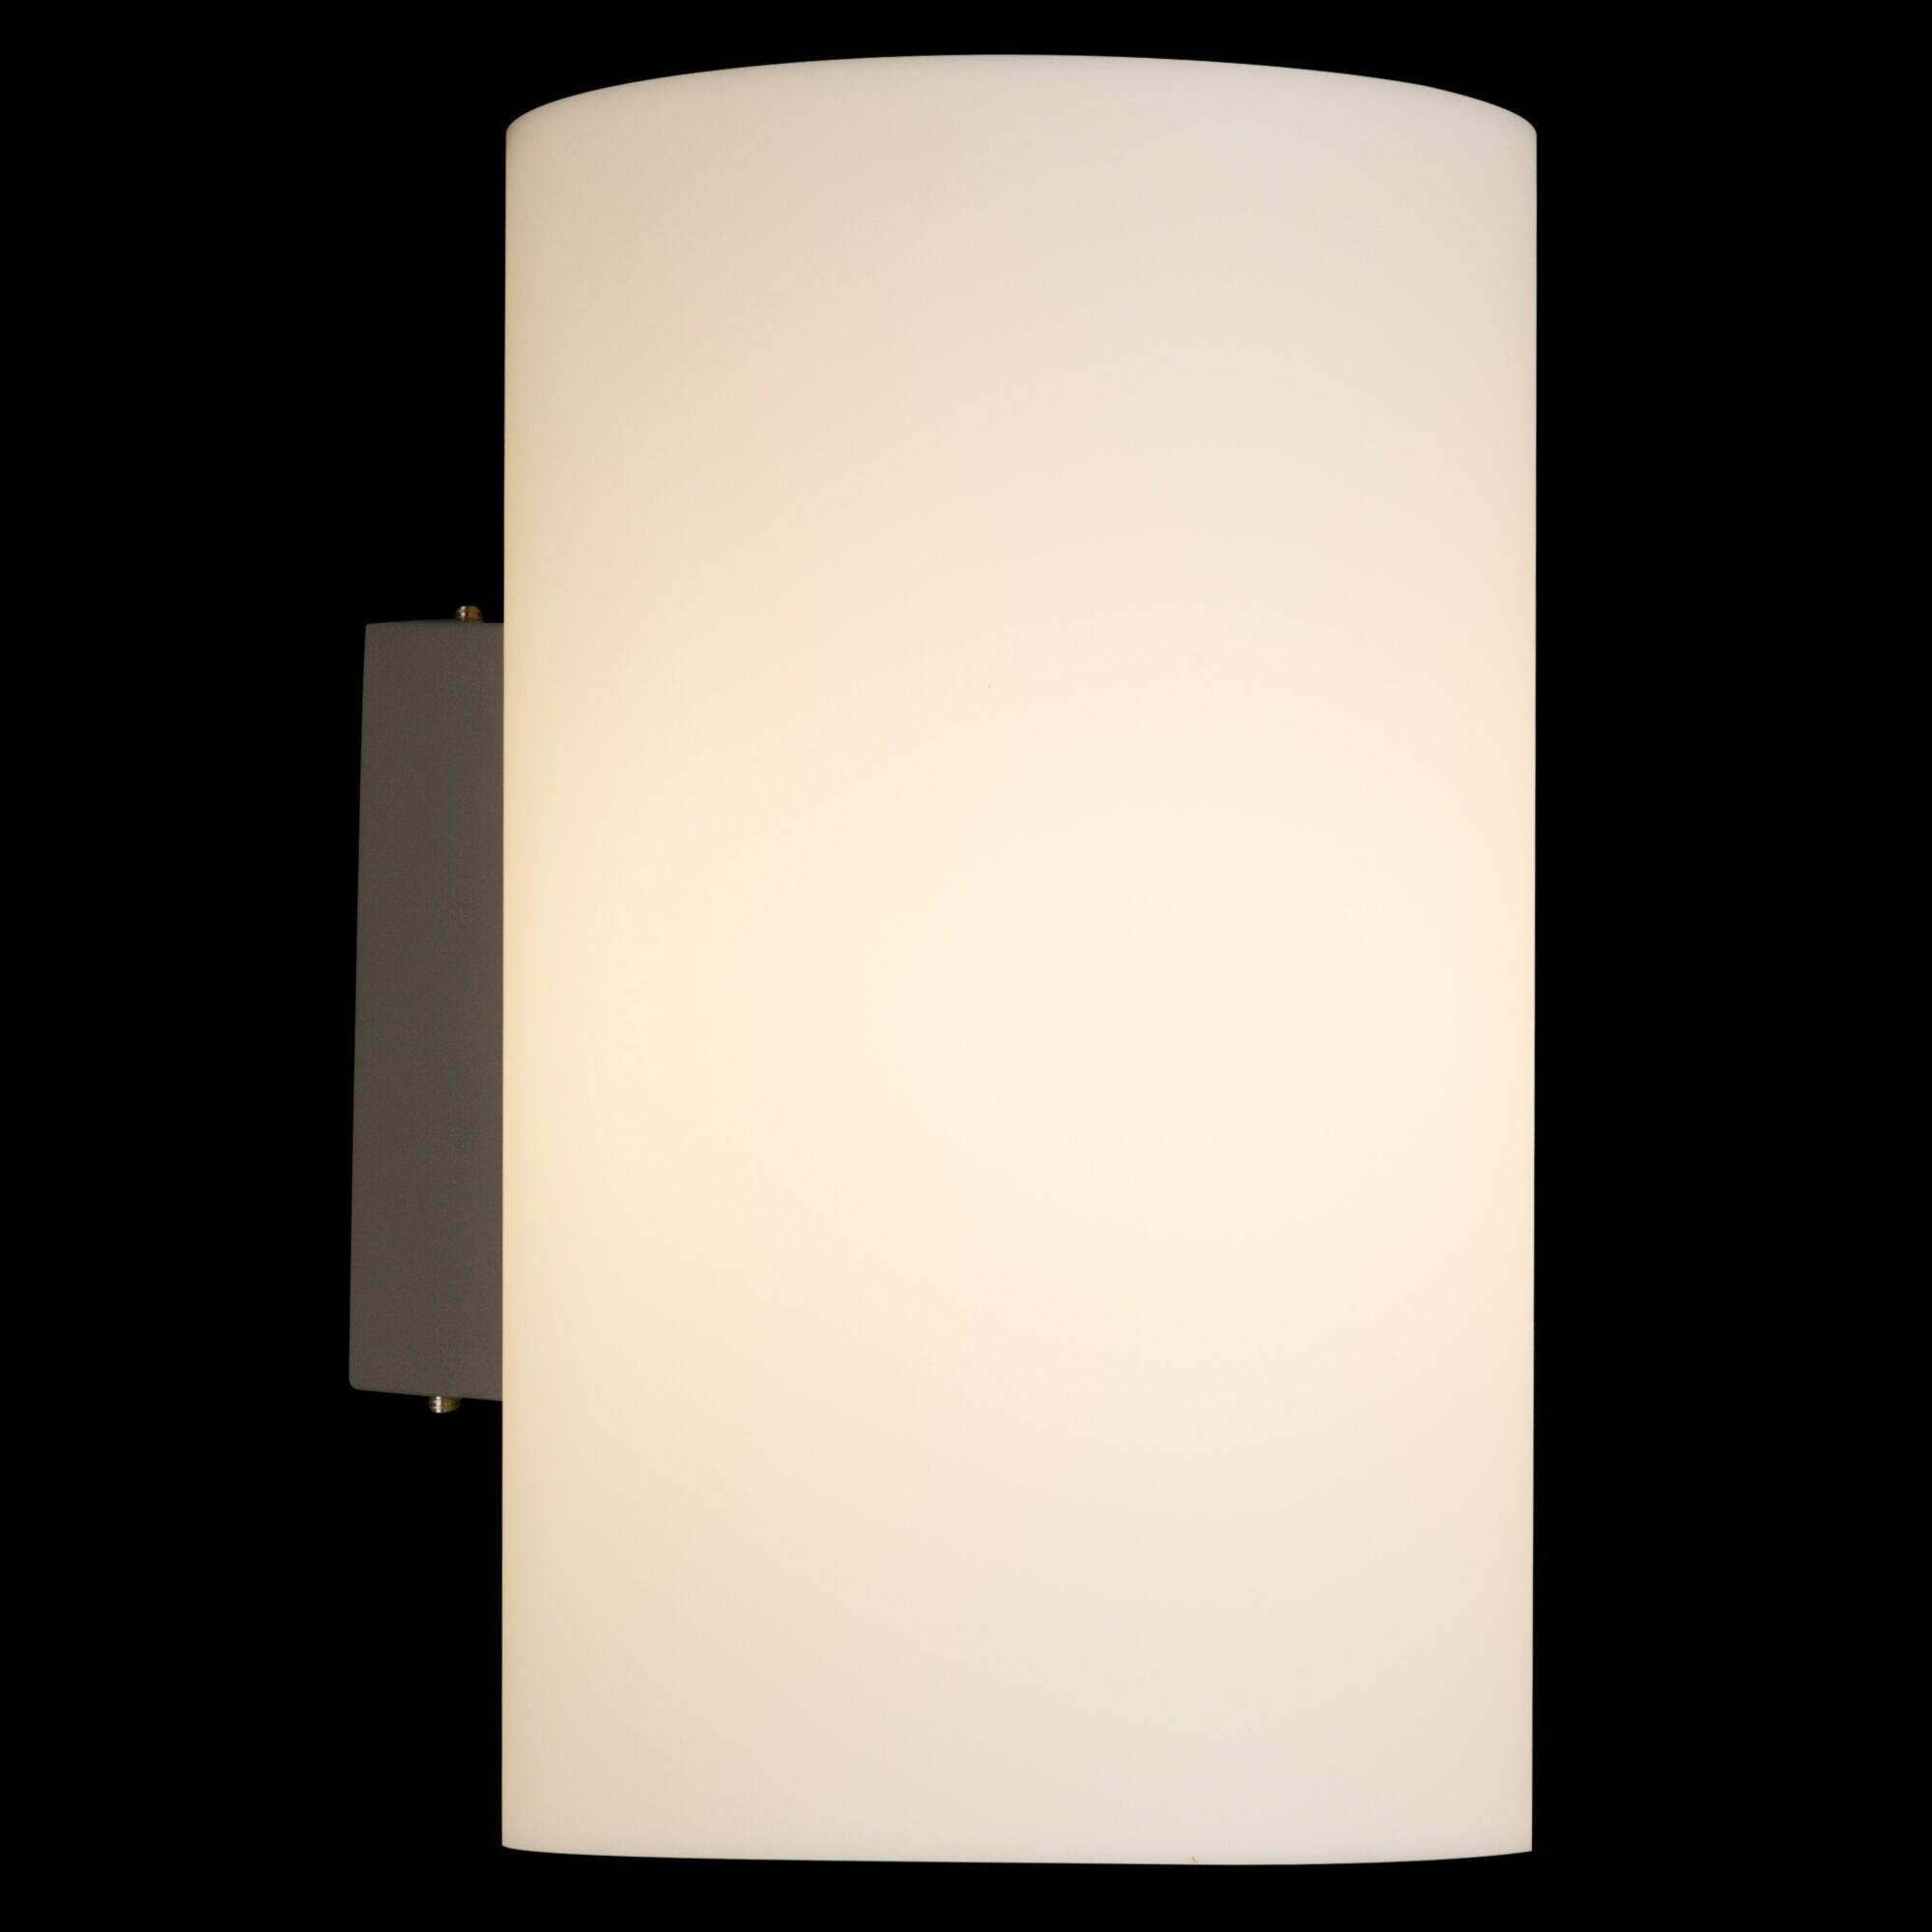 Настенный светильник Maytoni O008WL 01S